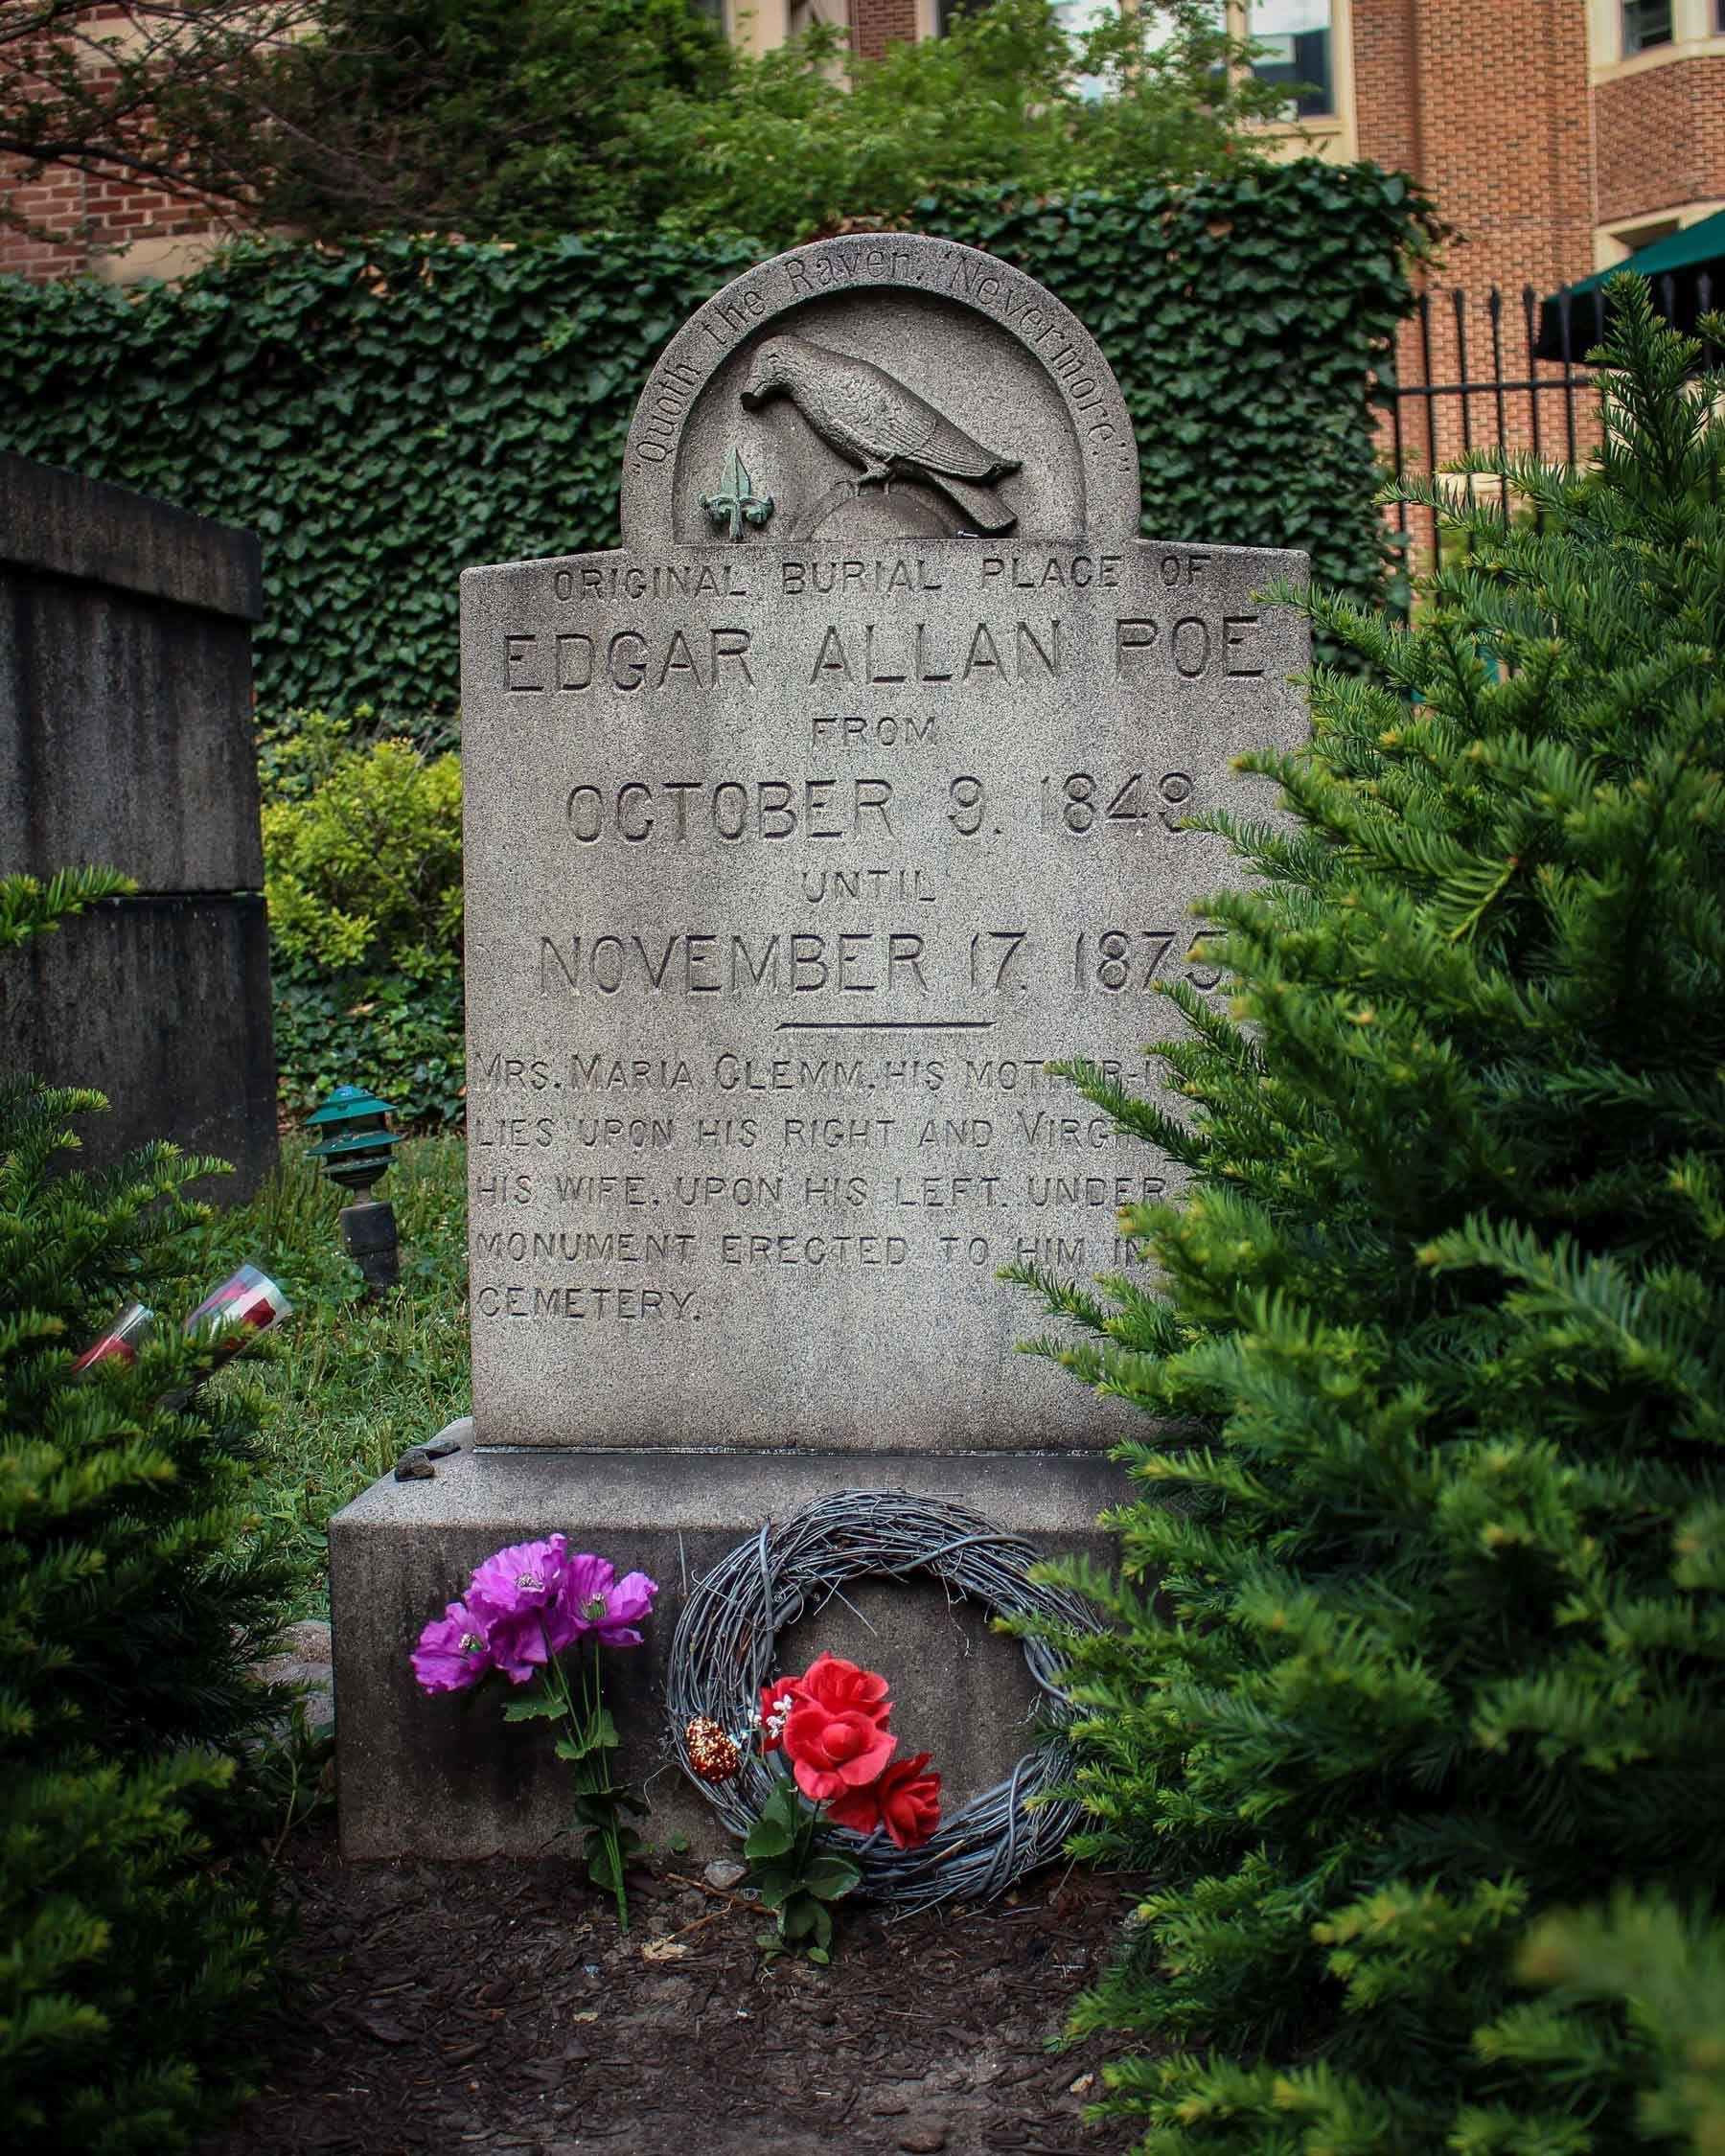 Кенотаф натом месте, где могила Побыла изначально, дотого, как останки писателя перенесли нановое место / novocom.top